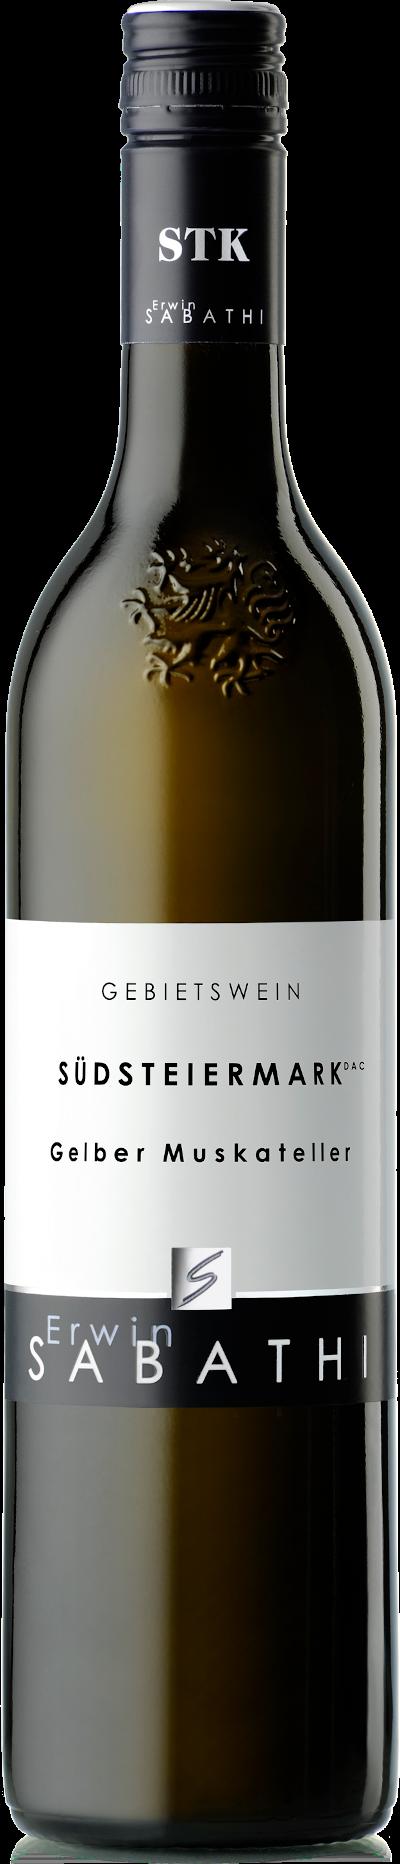 Sabathi Erwin - Gelber Muskateller Südsteiermark DAC